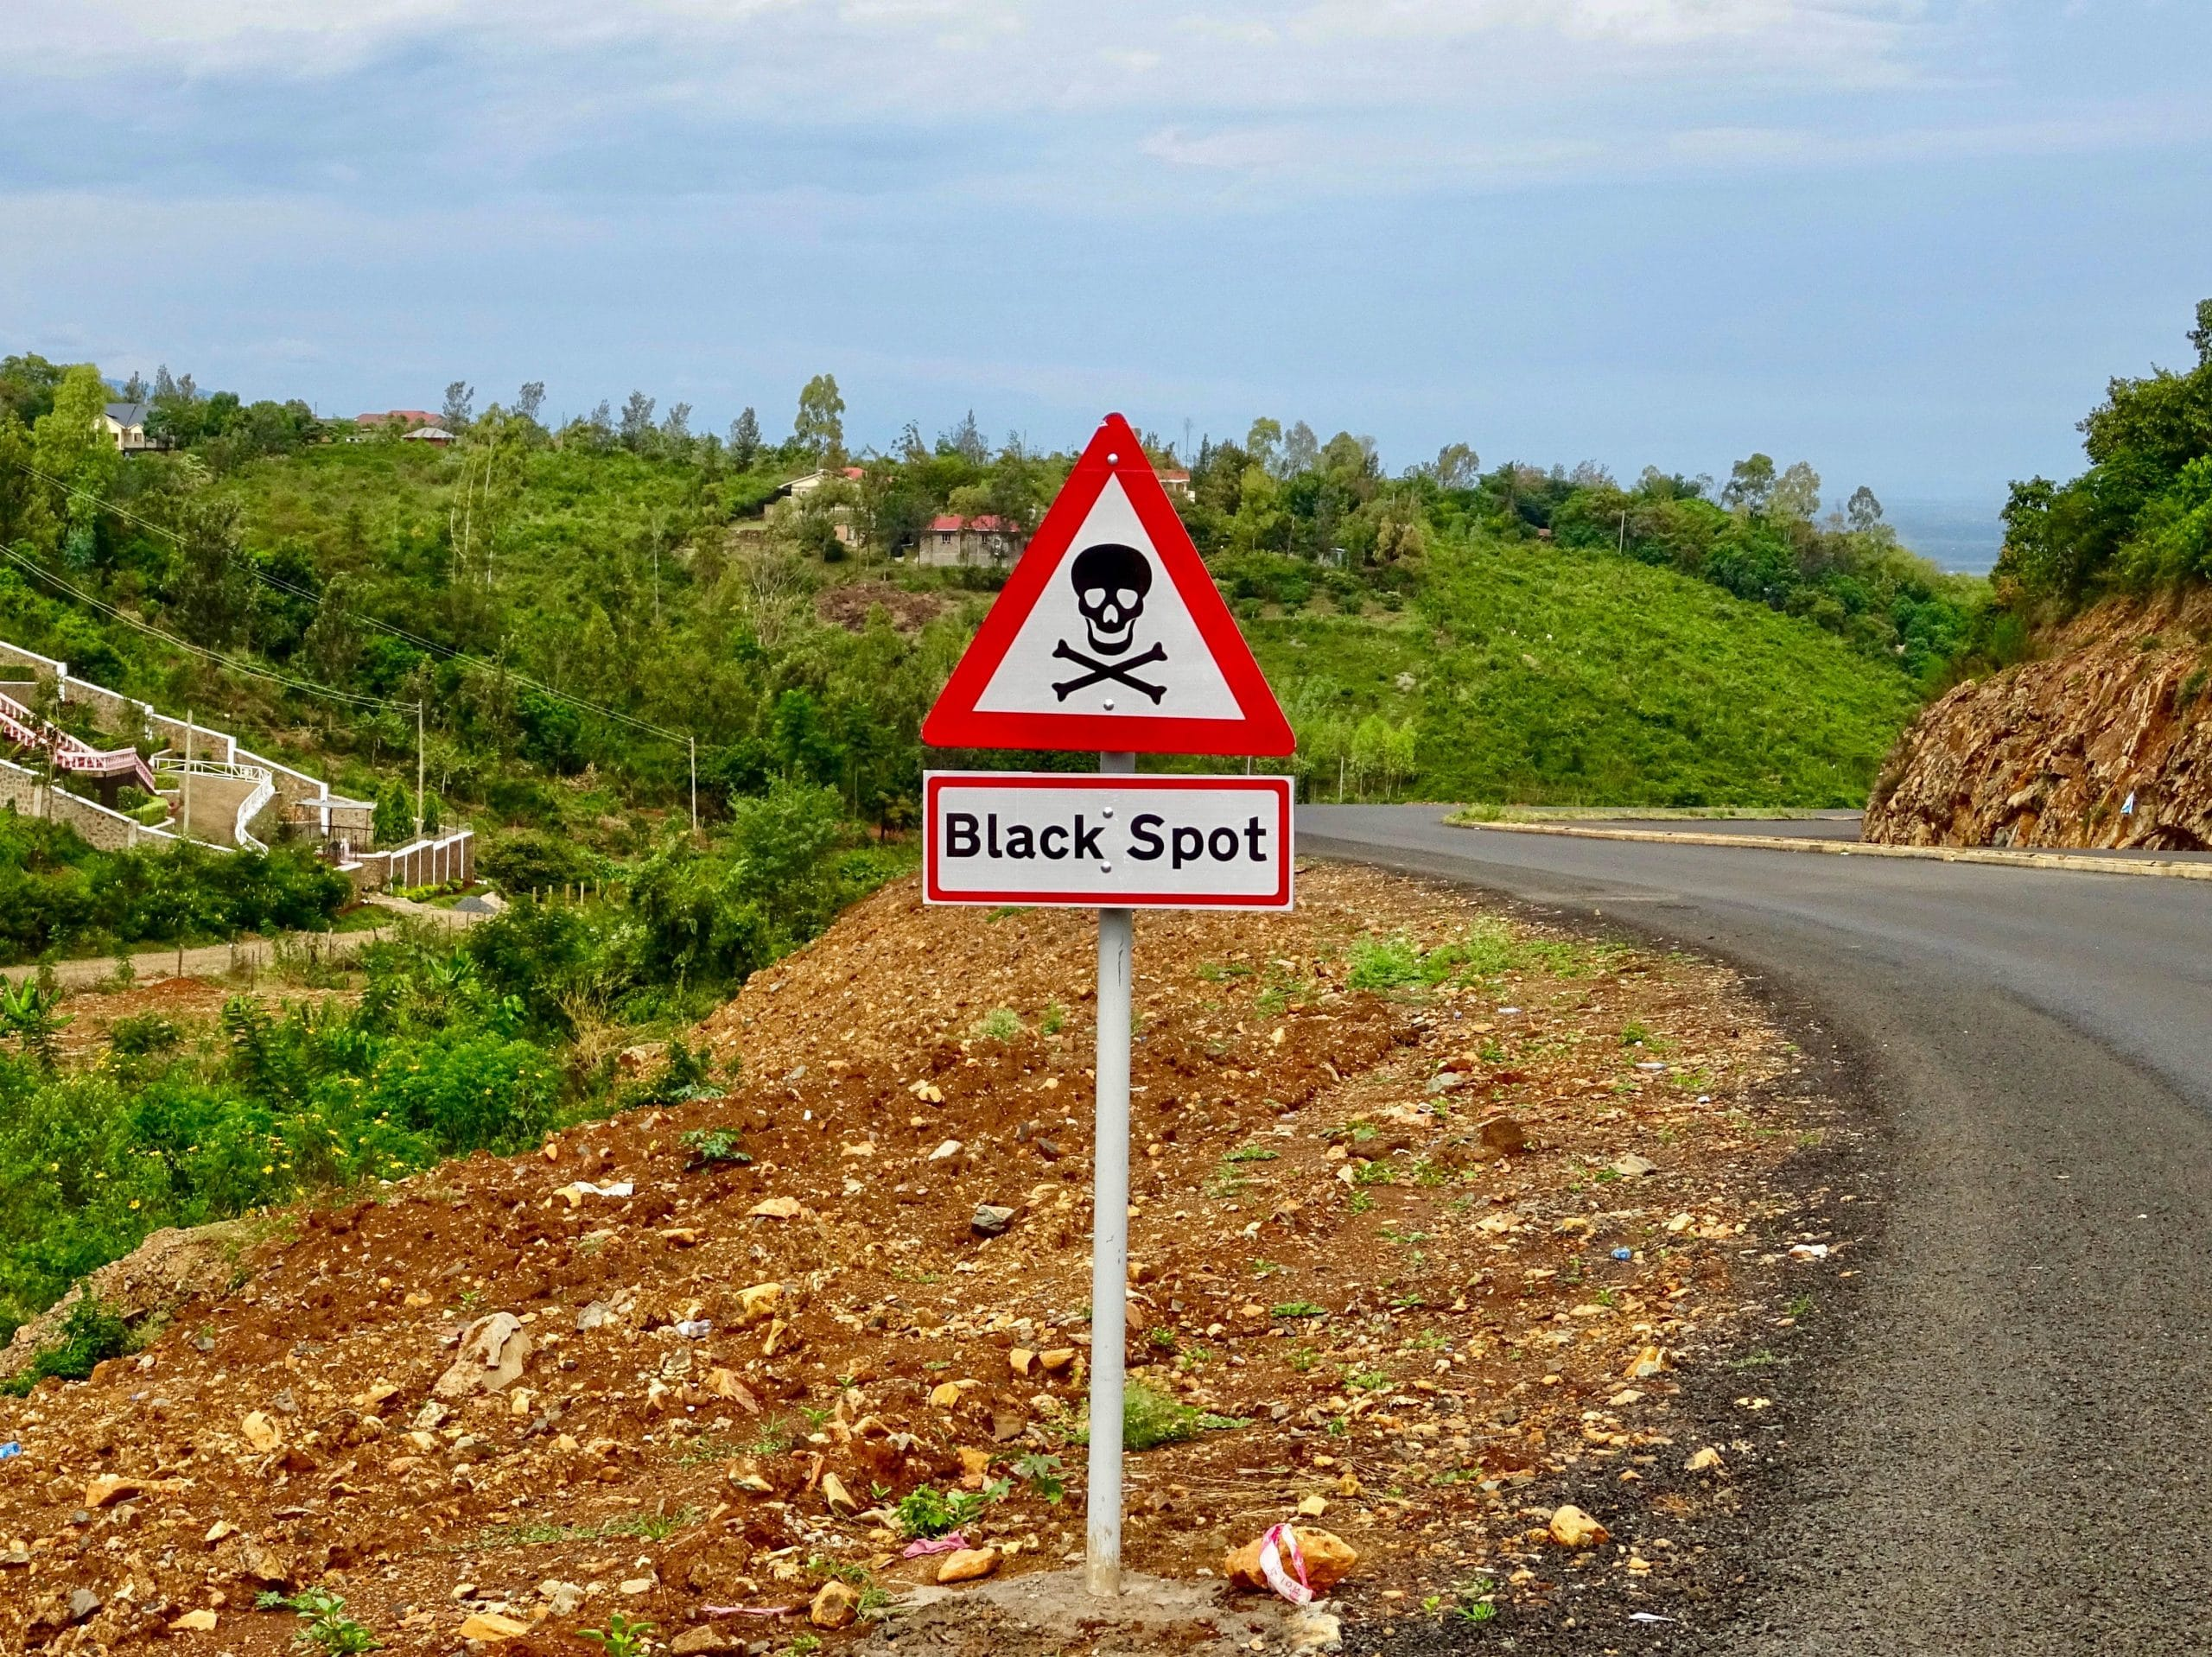 Black spot voor de vallei waarin Kisumu ligt